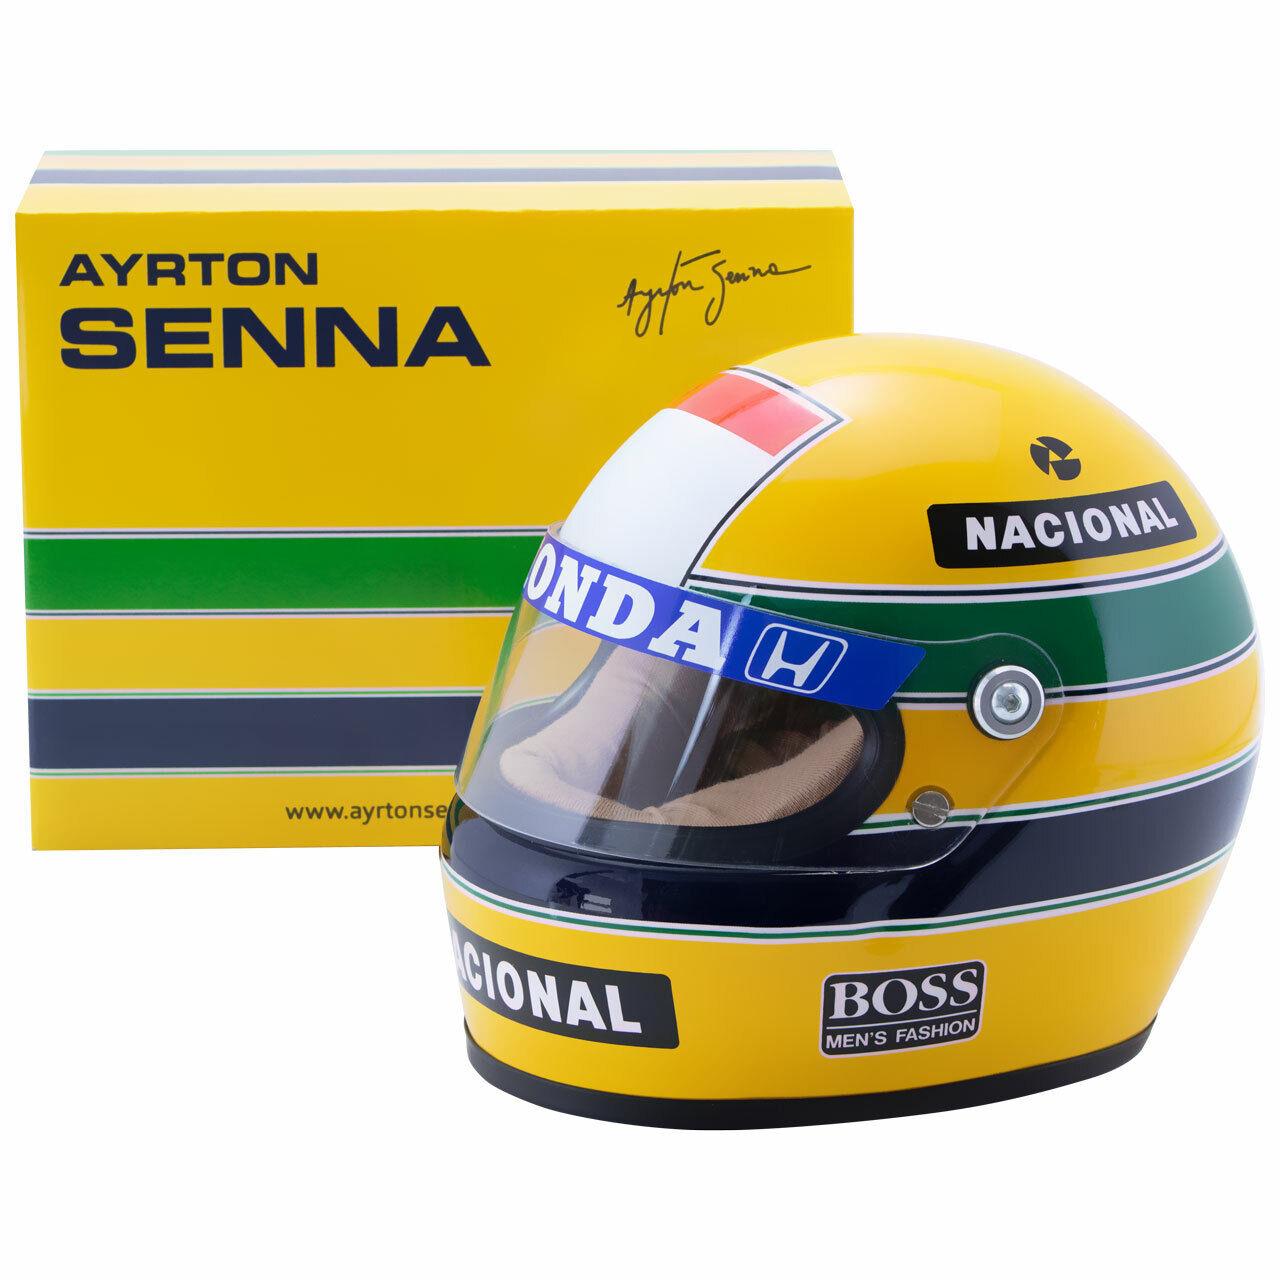 Tête casquée Miniature Casque ayrton senna f1 World Champion  1988 Half Scale 1 2 neuf neuf dans sa boîte  nous fournissons le meilleur